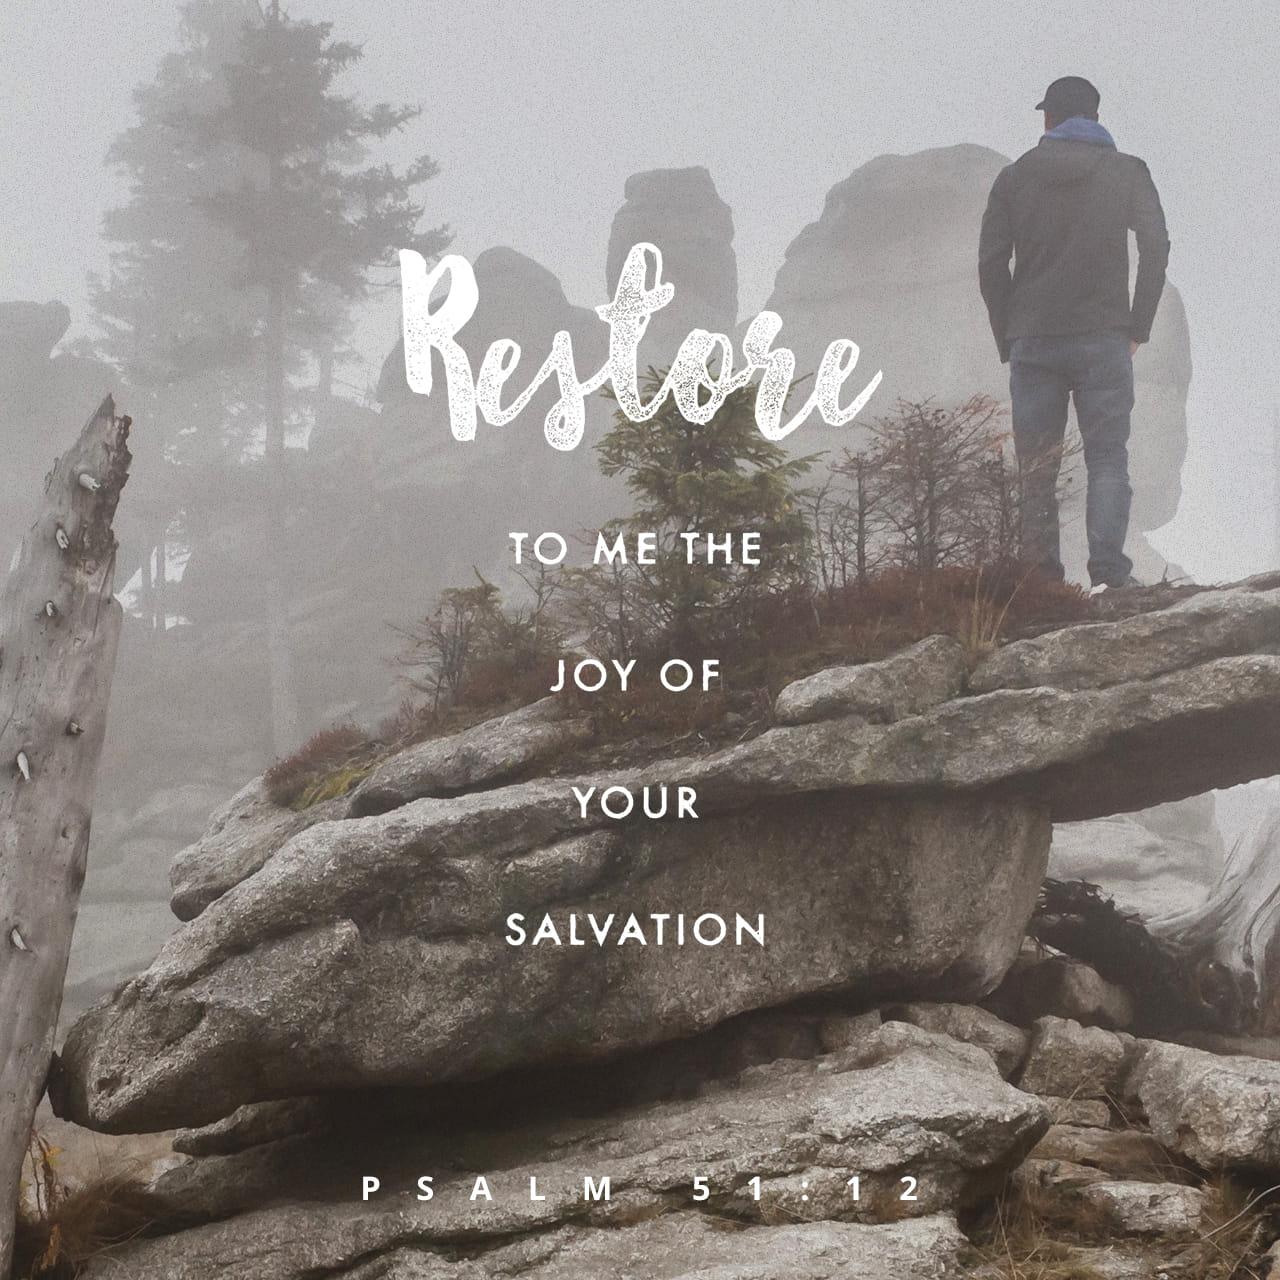 Salmos 51:12-13 Dá-me novamente a alegria da tua salvação e conserva em mim o desejo de ser obediente. Então ensinarei aos desobedientes as tuas leis, e eles voltarão a ti. | Nova Tradução na Linguagem de Hoje (NTLH)